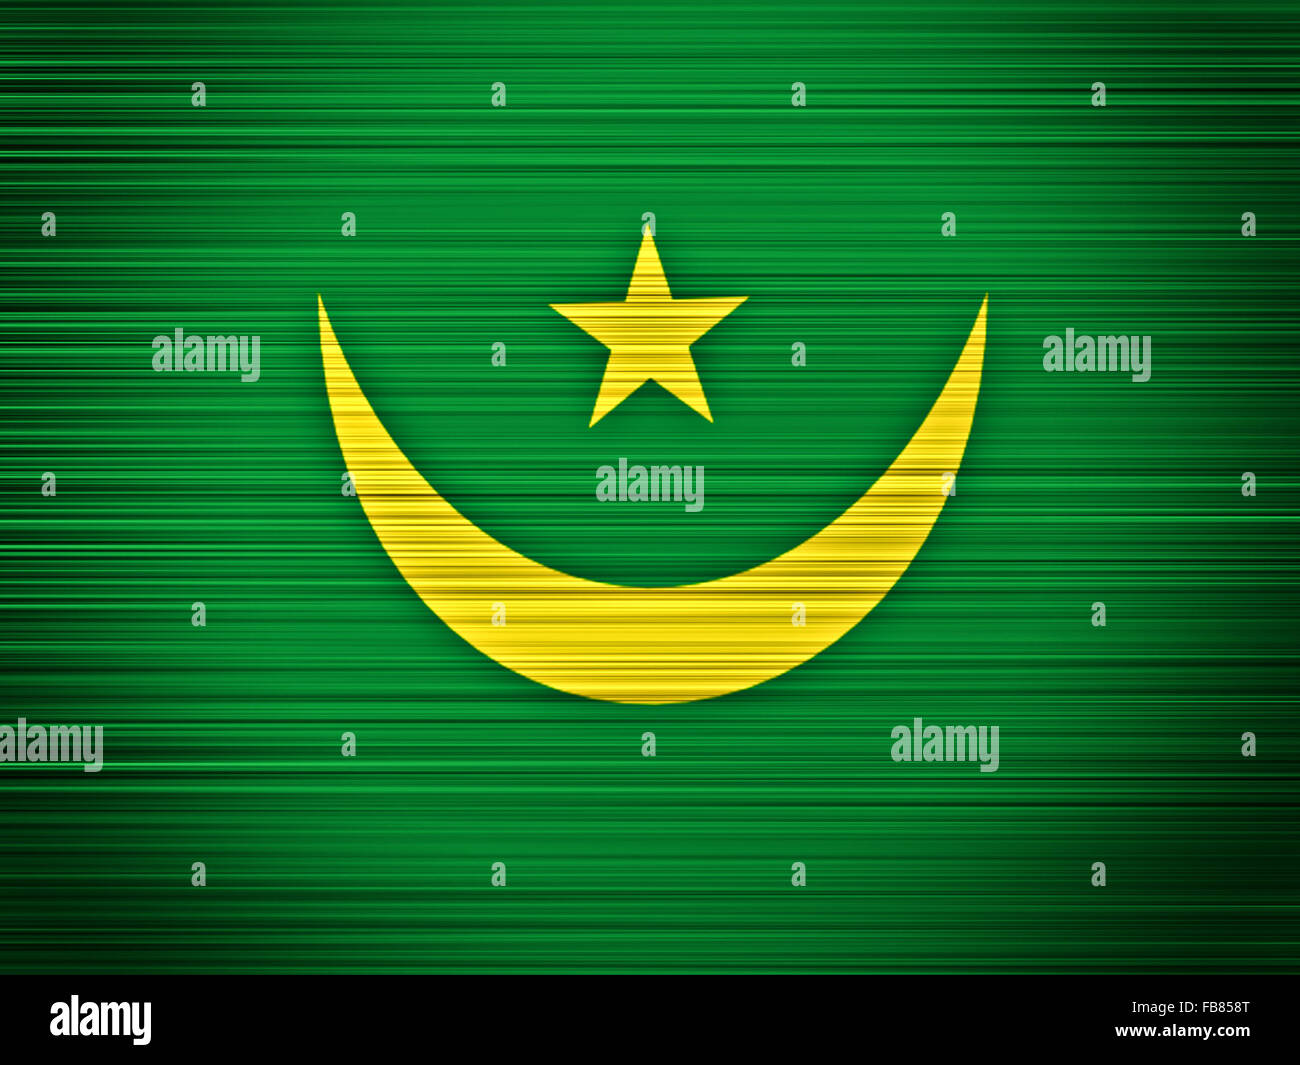 Mauritania flag abstract - Stock Image